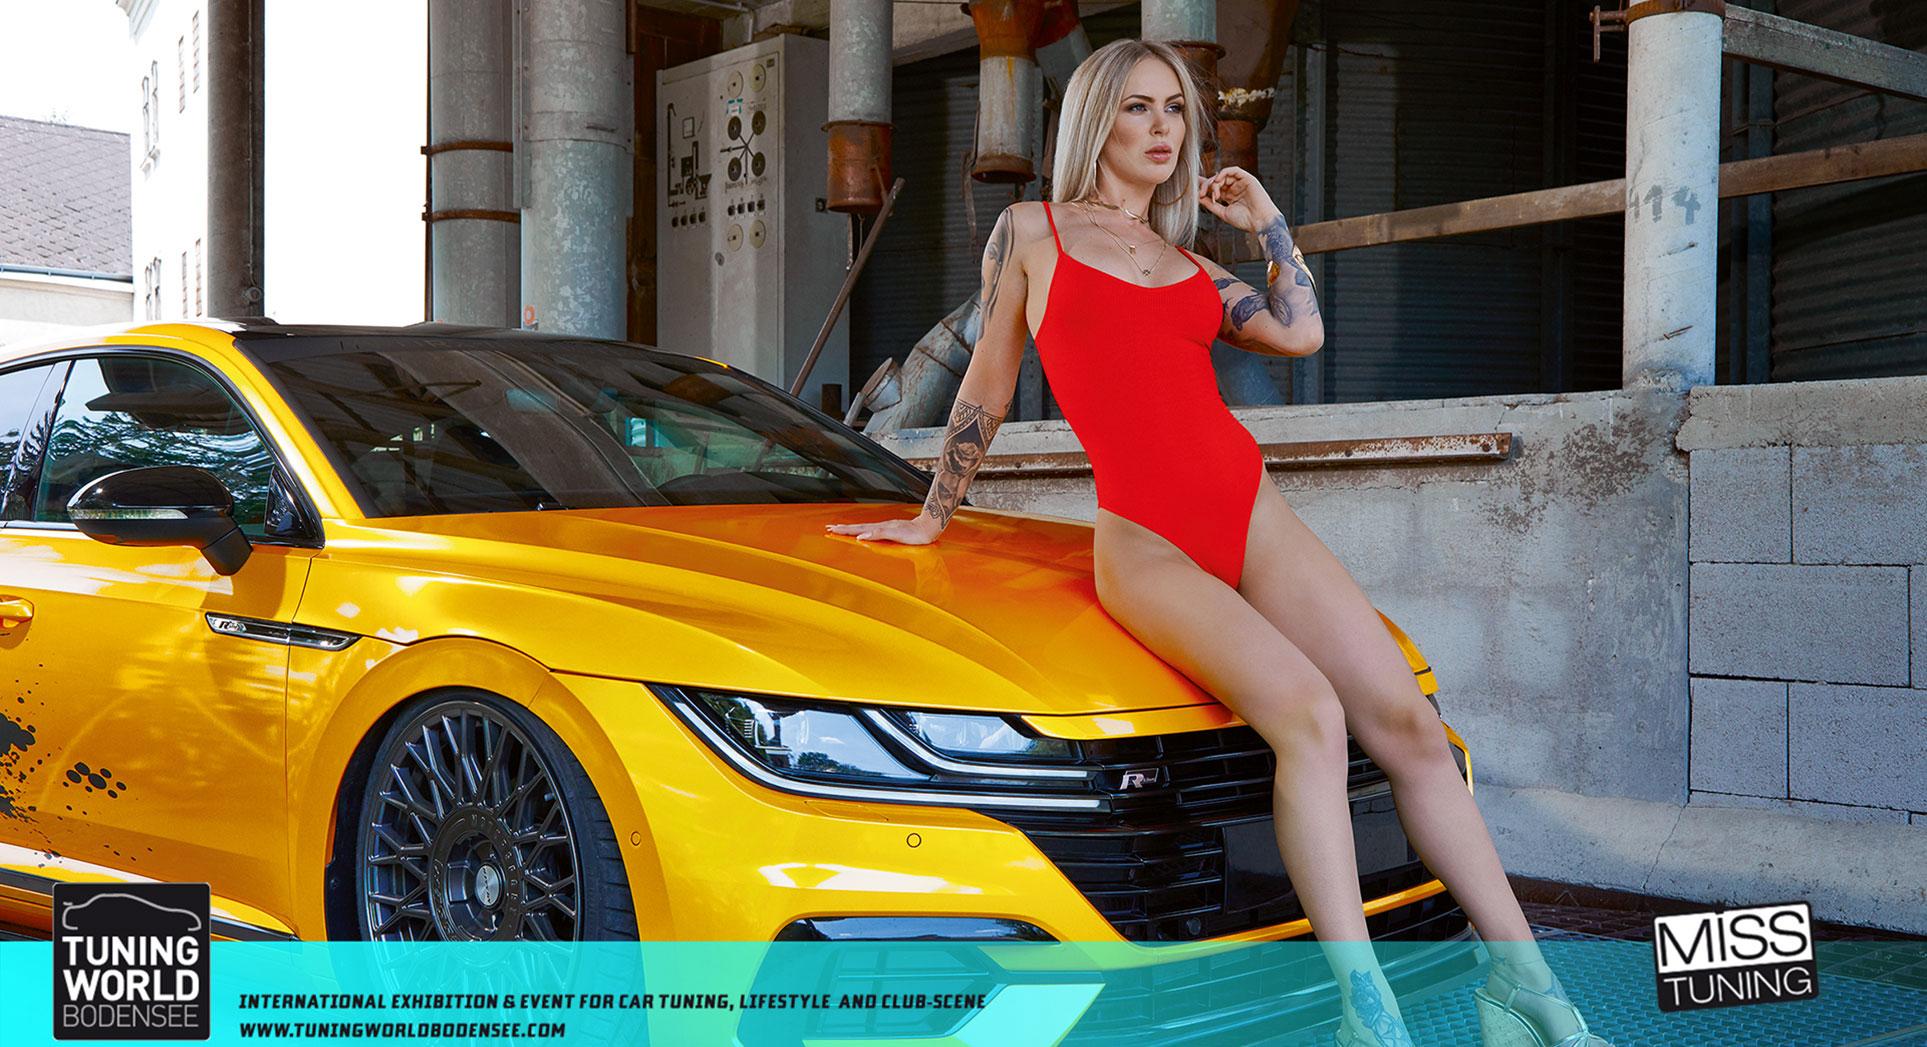 Ванесса Кнауф в календаре Miss Tuning на 2020-й год / октябрь